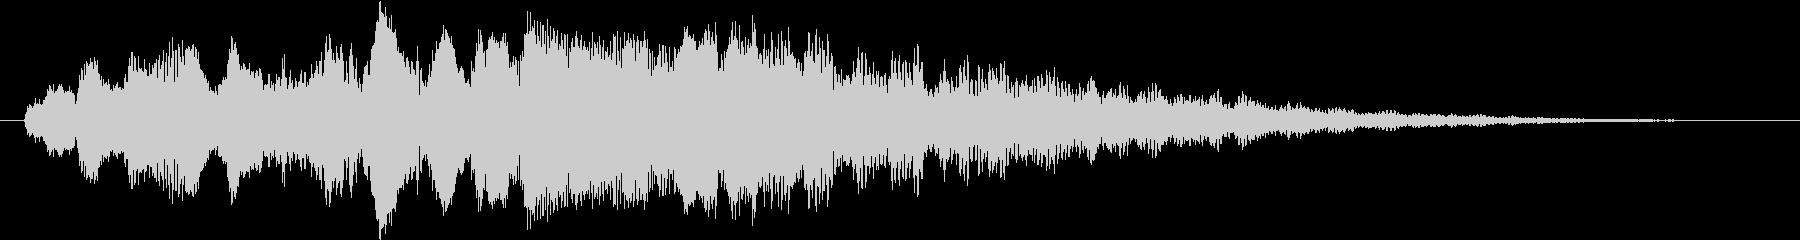 幻想的で洗練されたサウンドロゴの未再生の波形